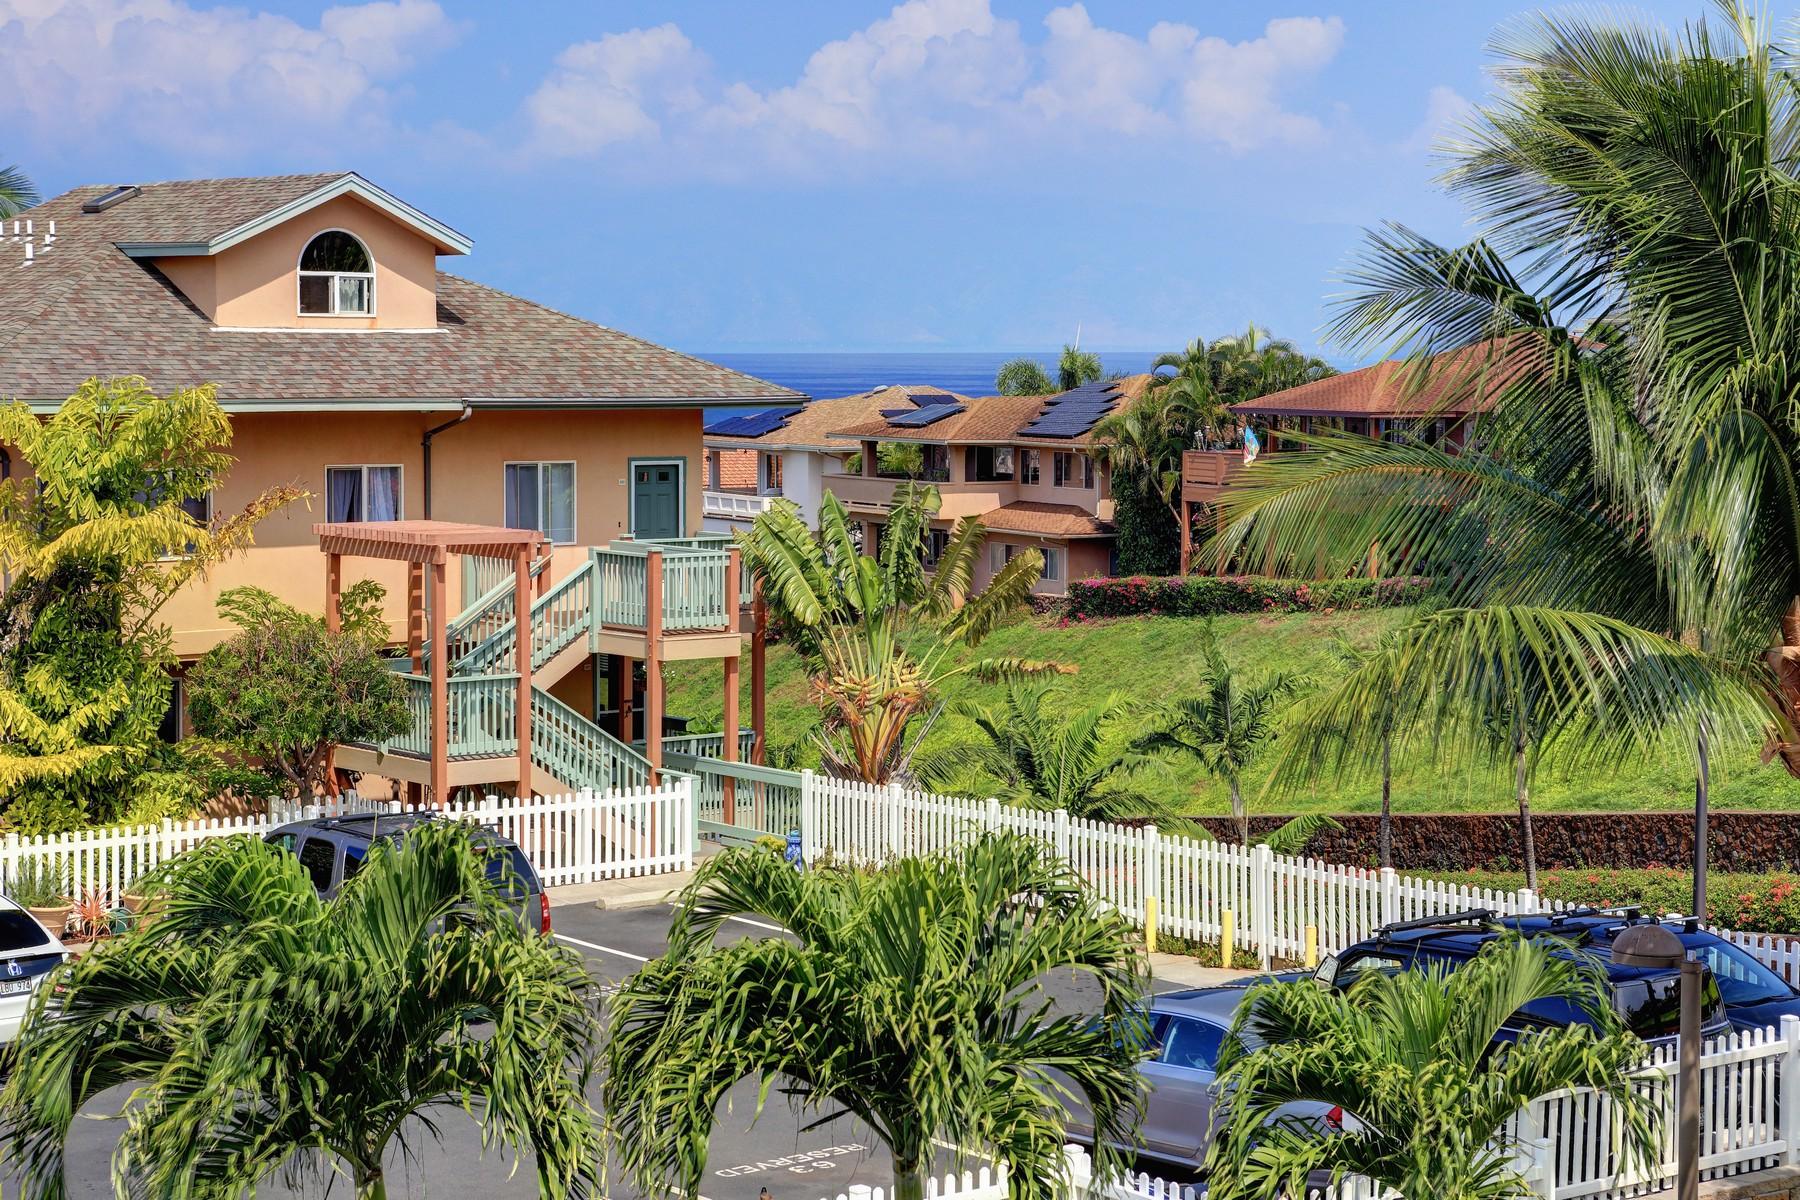 共管式独立产权公寓 为 销售 在 Classic Kahana Townhome 25 Heather Lane, Villas at Kahana Ridge 133 卡哈纳, 夏威夷, 96761 美国